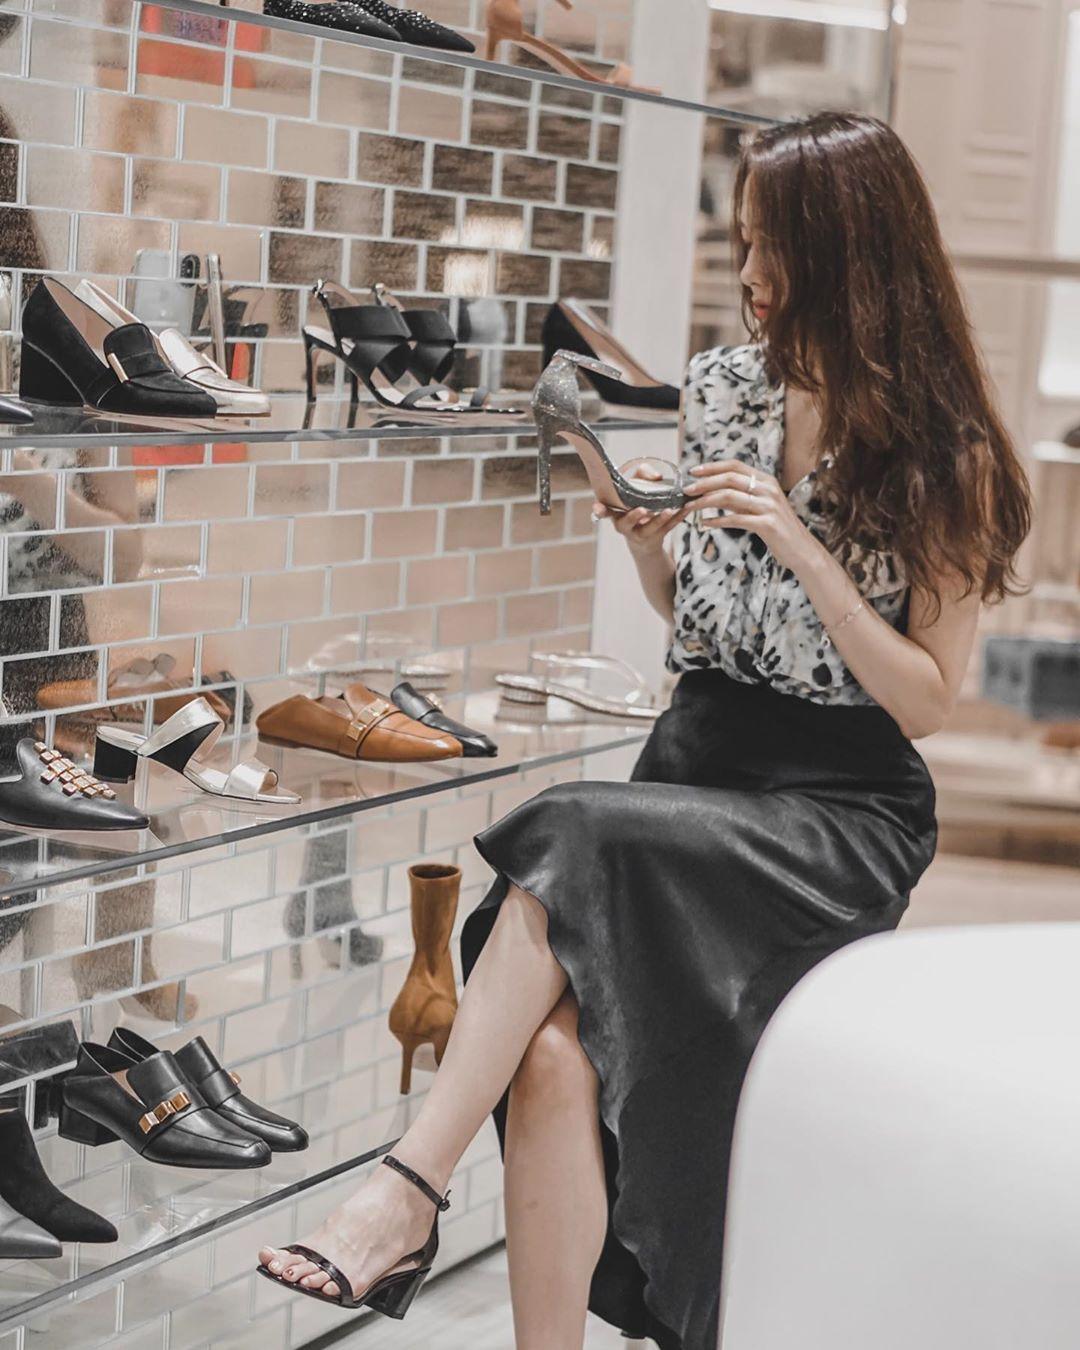 ms gabby mặc chân váy vải lụa màu đen và áo voan ngắn tay